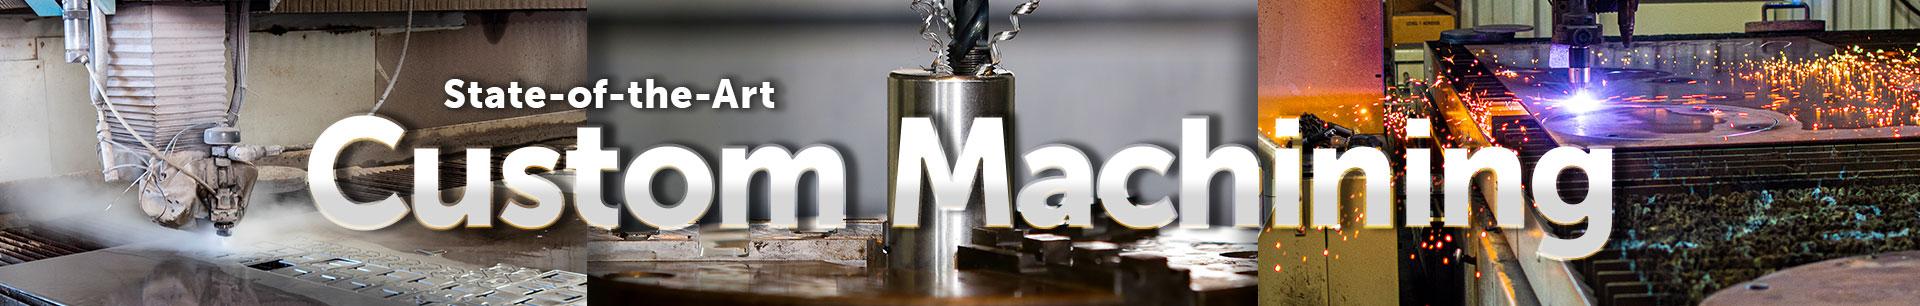 USA-Industries-Custom-Machining-Slider-Hero